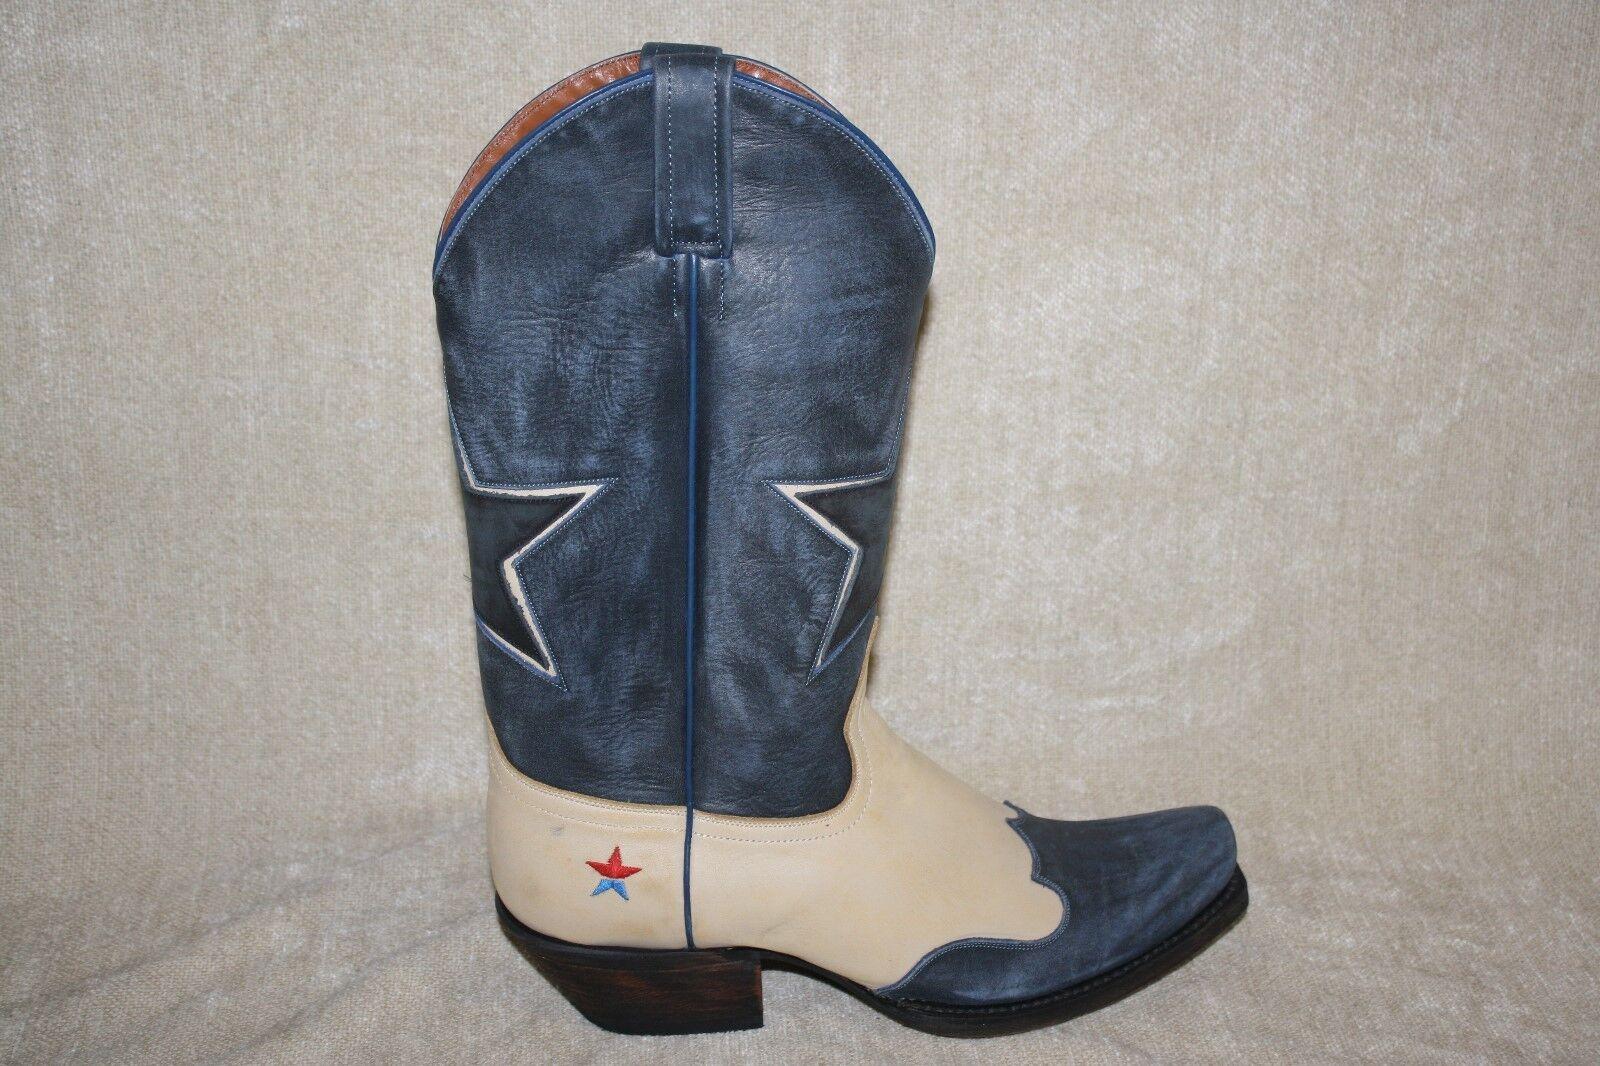 Para Hombre rojoNECK RIVIERA Occidental botas De Vaquero nosotros tamaño 9 i18d un